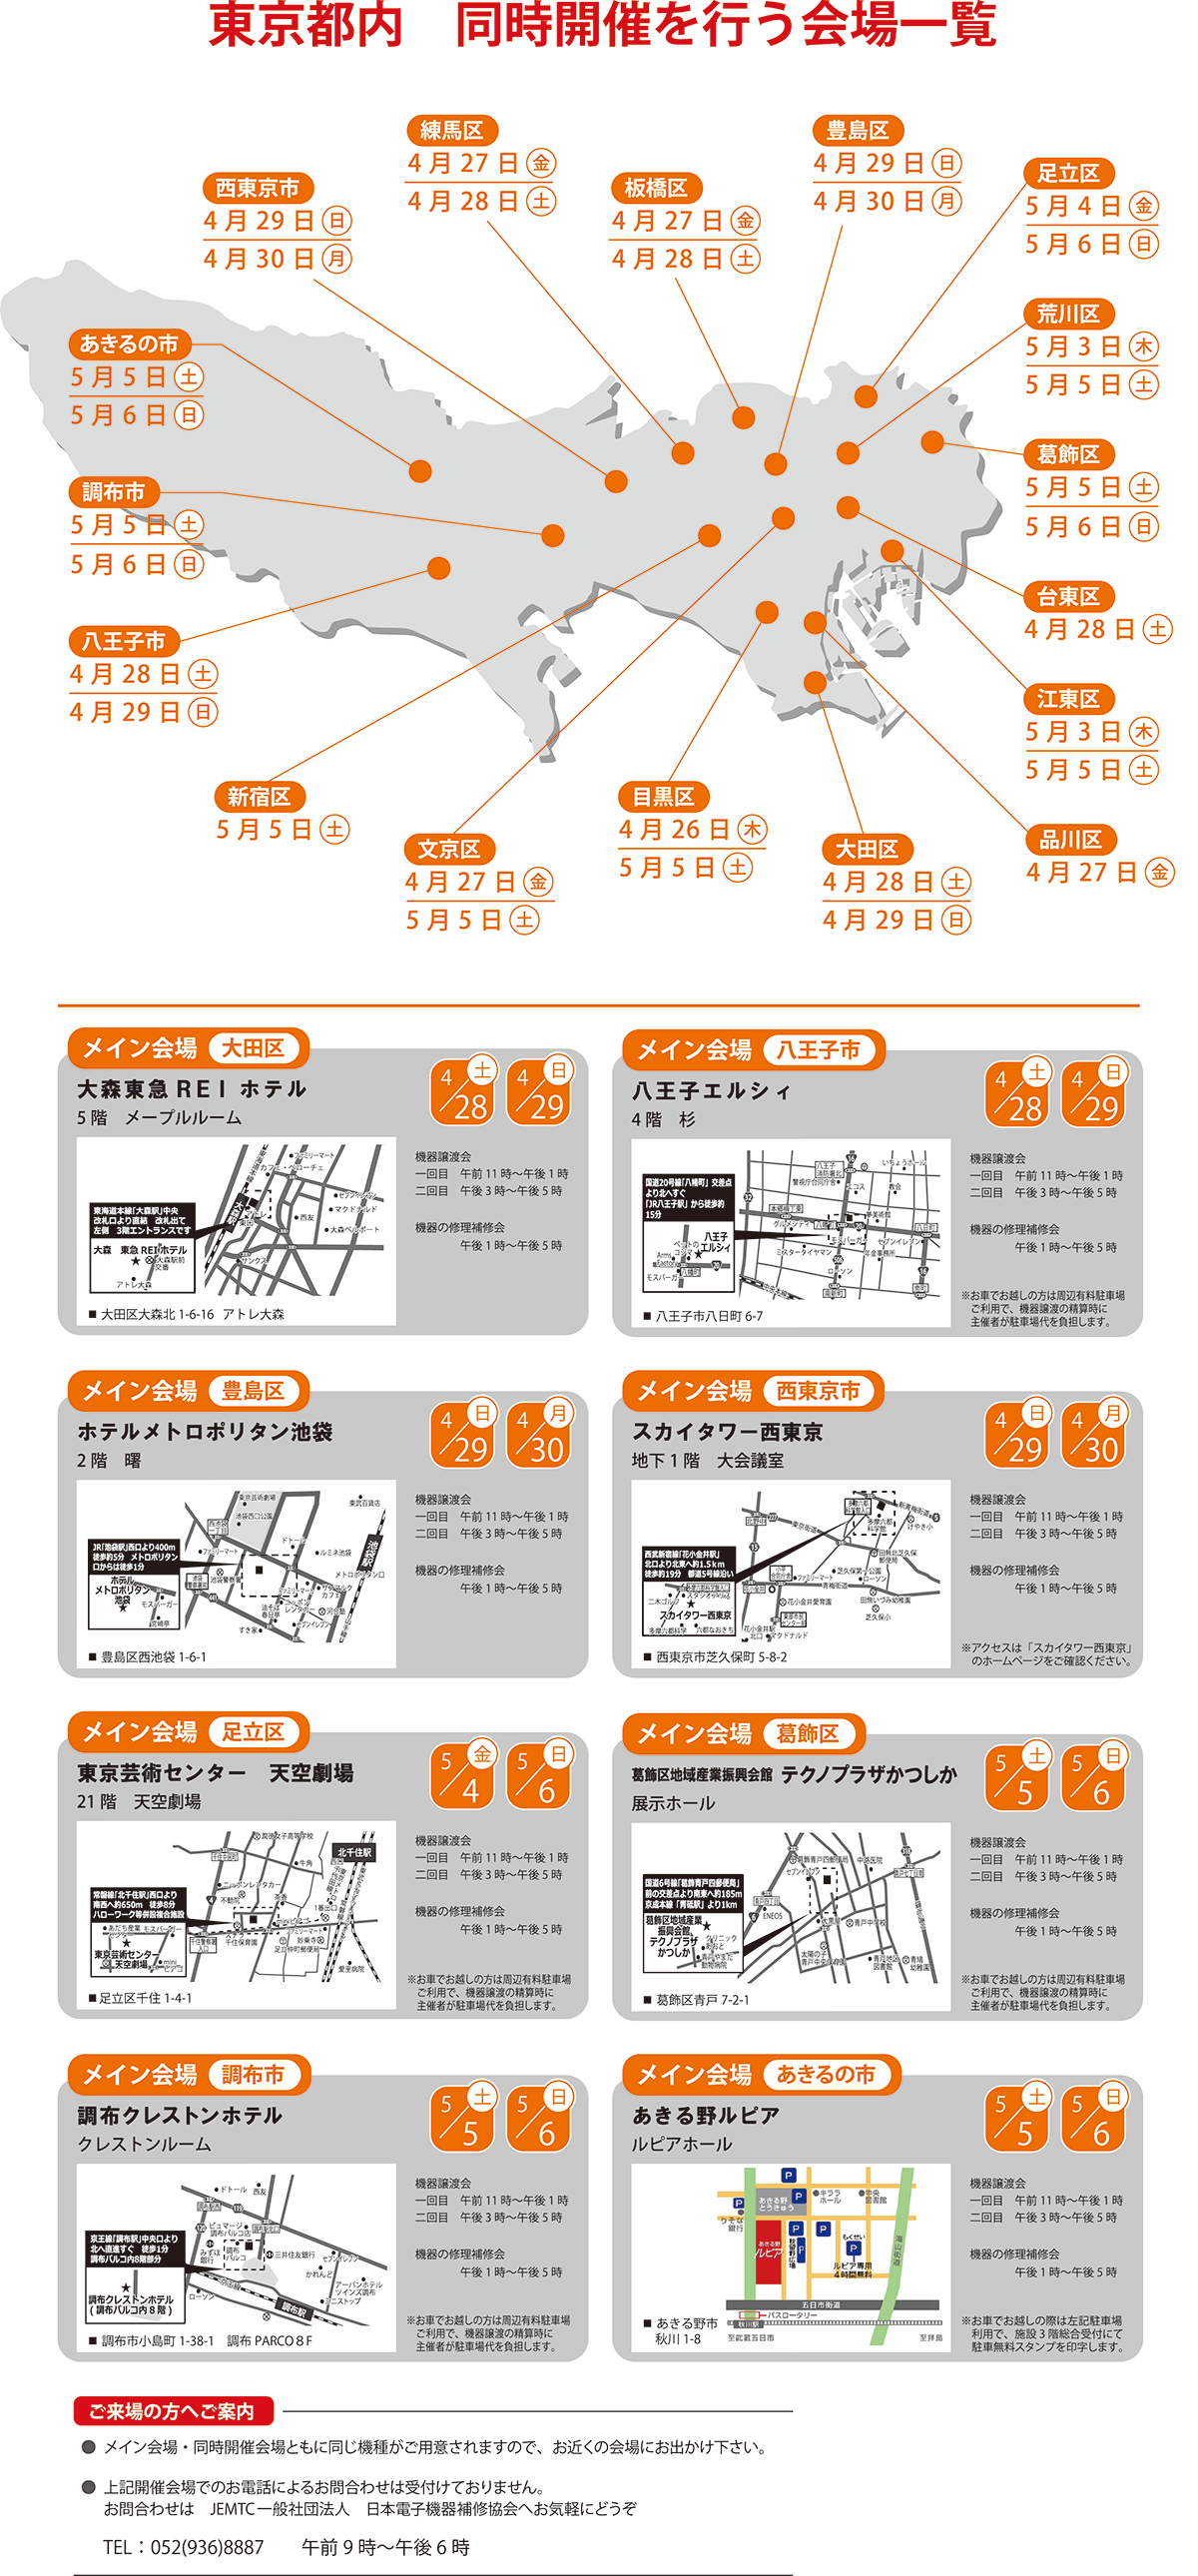 ジェムテクノートパソコン有償譲渡会in東京_他開催会場